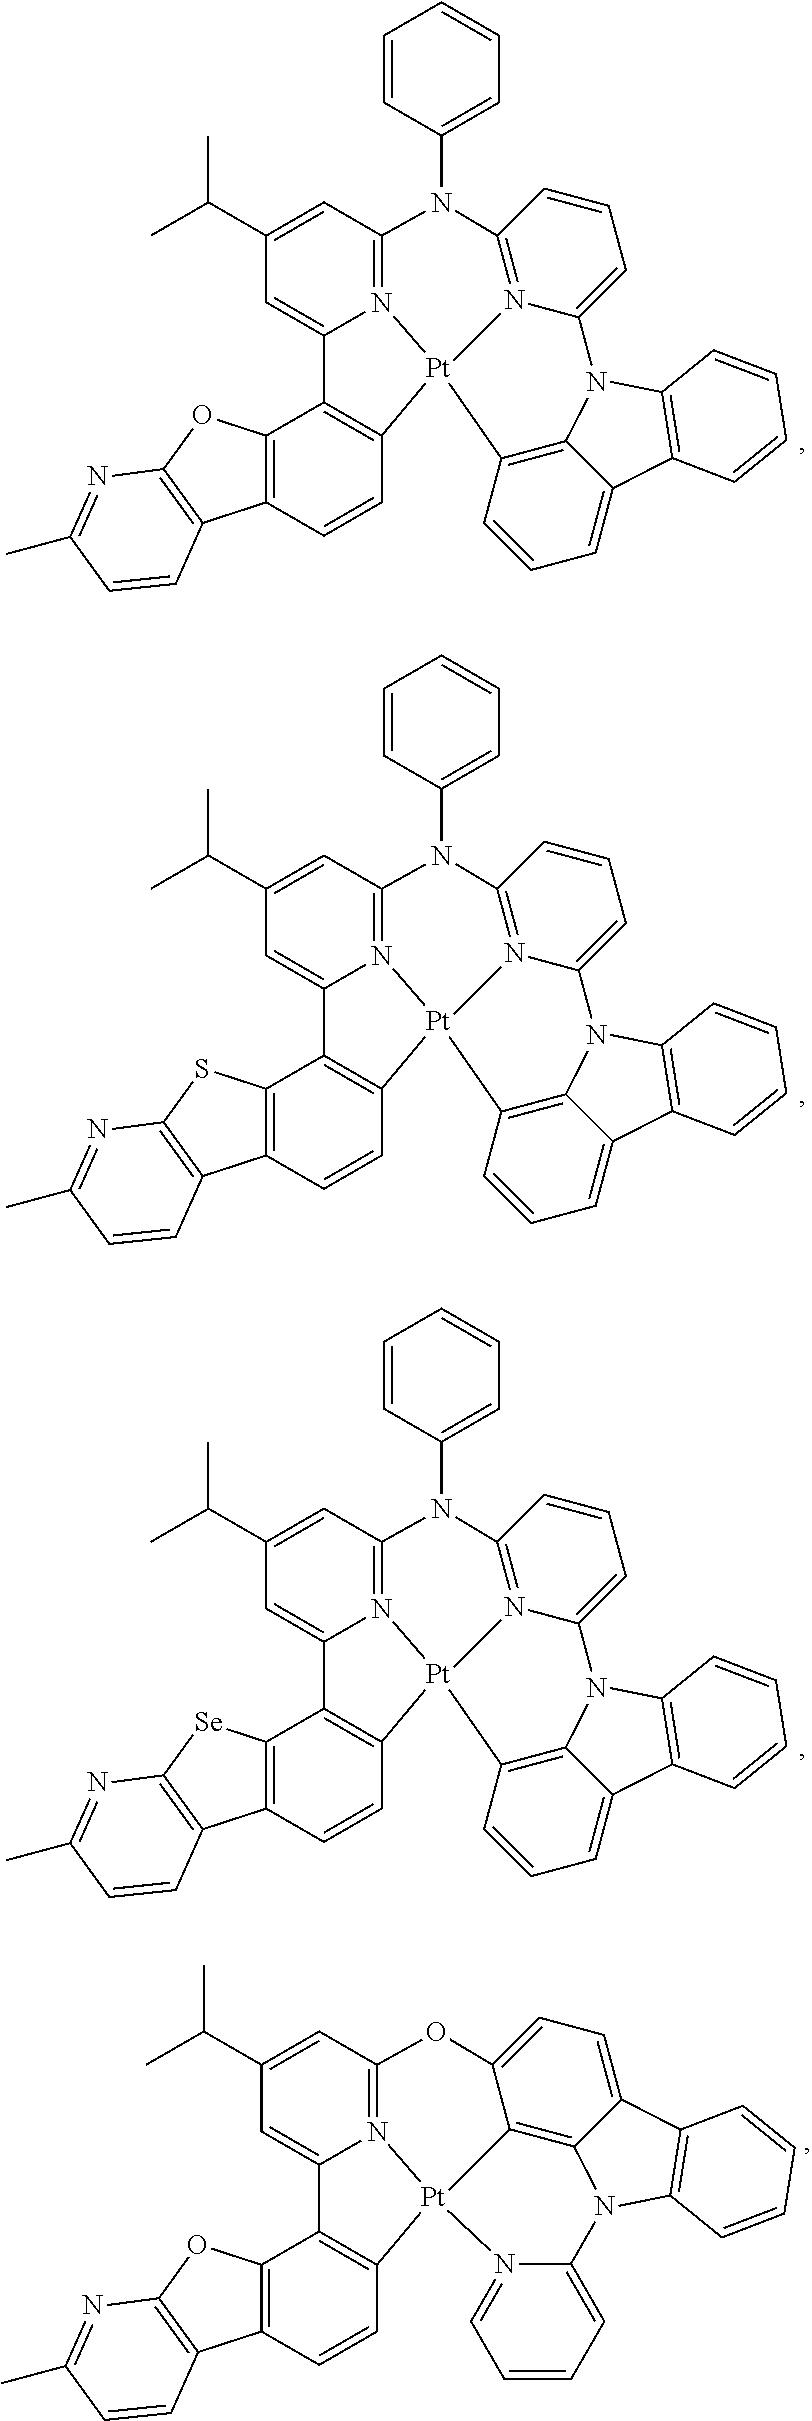 Figure US09871214-20180116-C00310